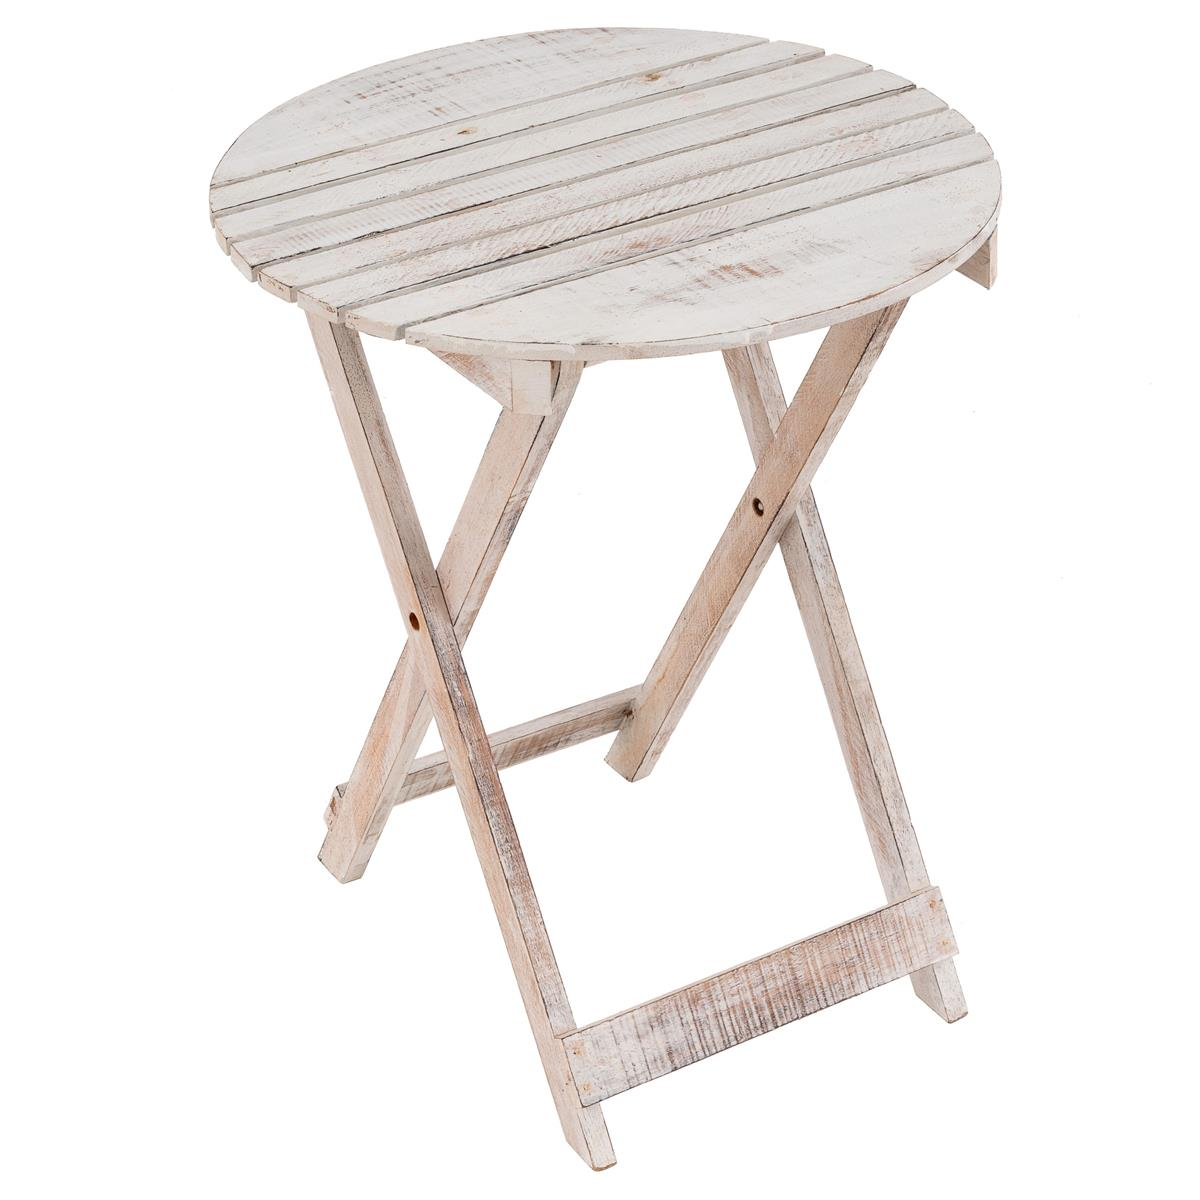 Full Size of Gartentisch Klappbar Holz Metall Eckig Alu Holzoptik Rund Ikea Ausziehbar Obi Divero Klapptisch Beistelltisch White Ausklappbares Bett Holzhäuser Garten Wohnzimmer Gartentisch Klappbar Holz